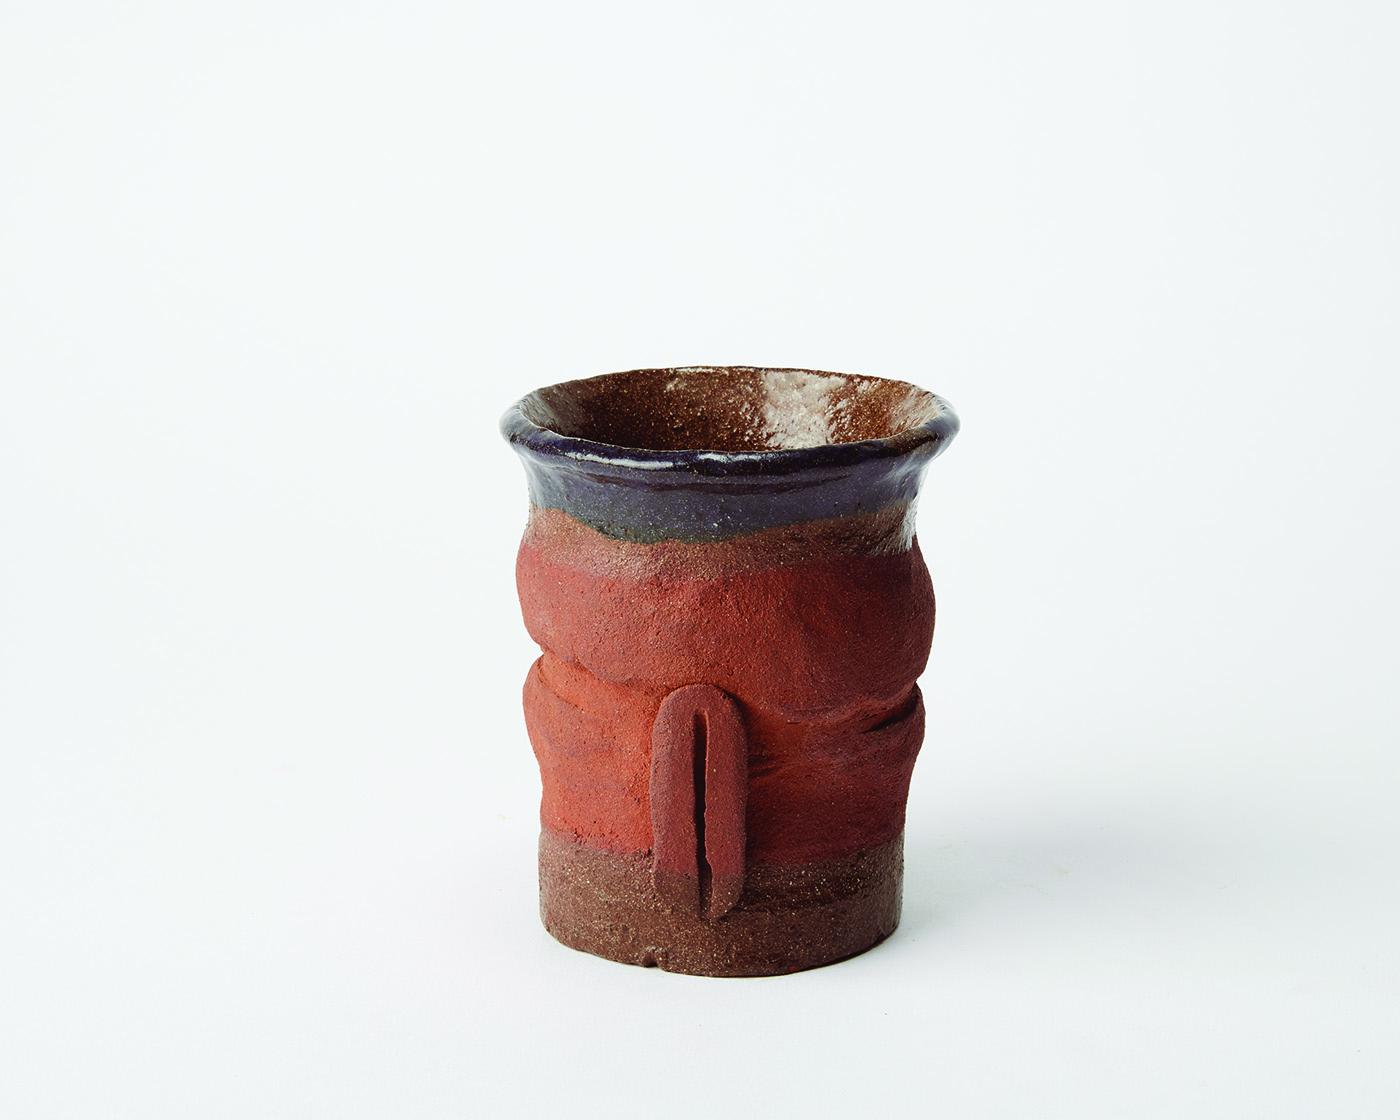 Untitled   Ceramic  4 x 3 1/2 inches  10.16 x 8.89 cm